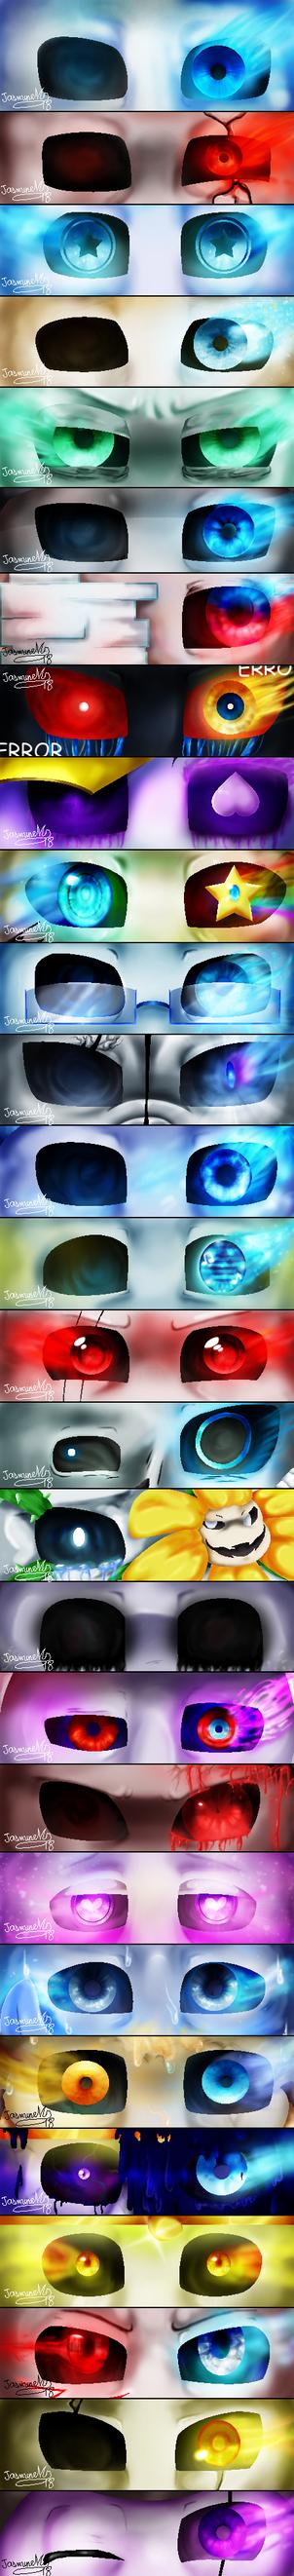 Sans AU eyes by JasmineM18